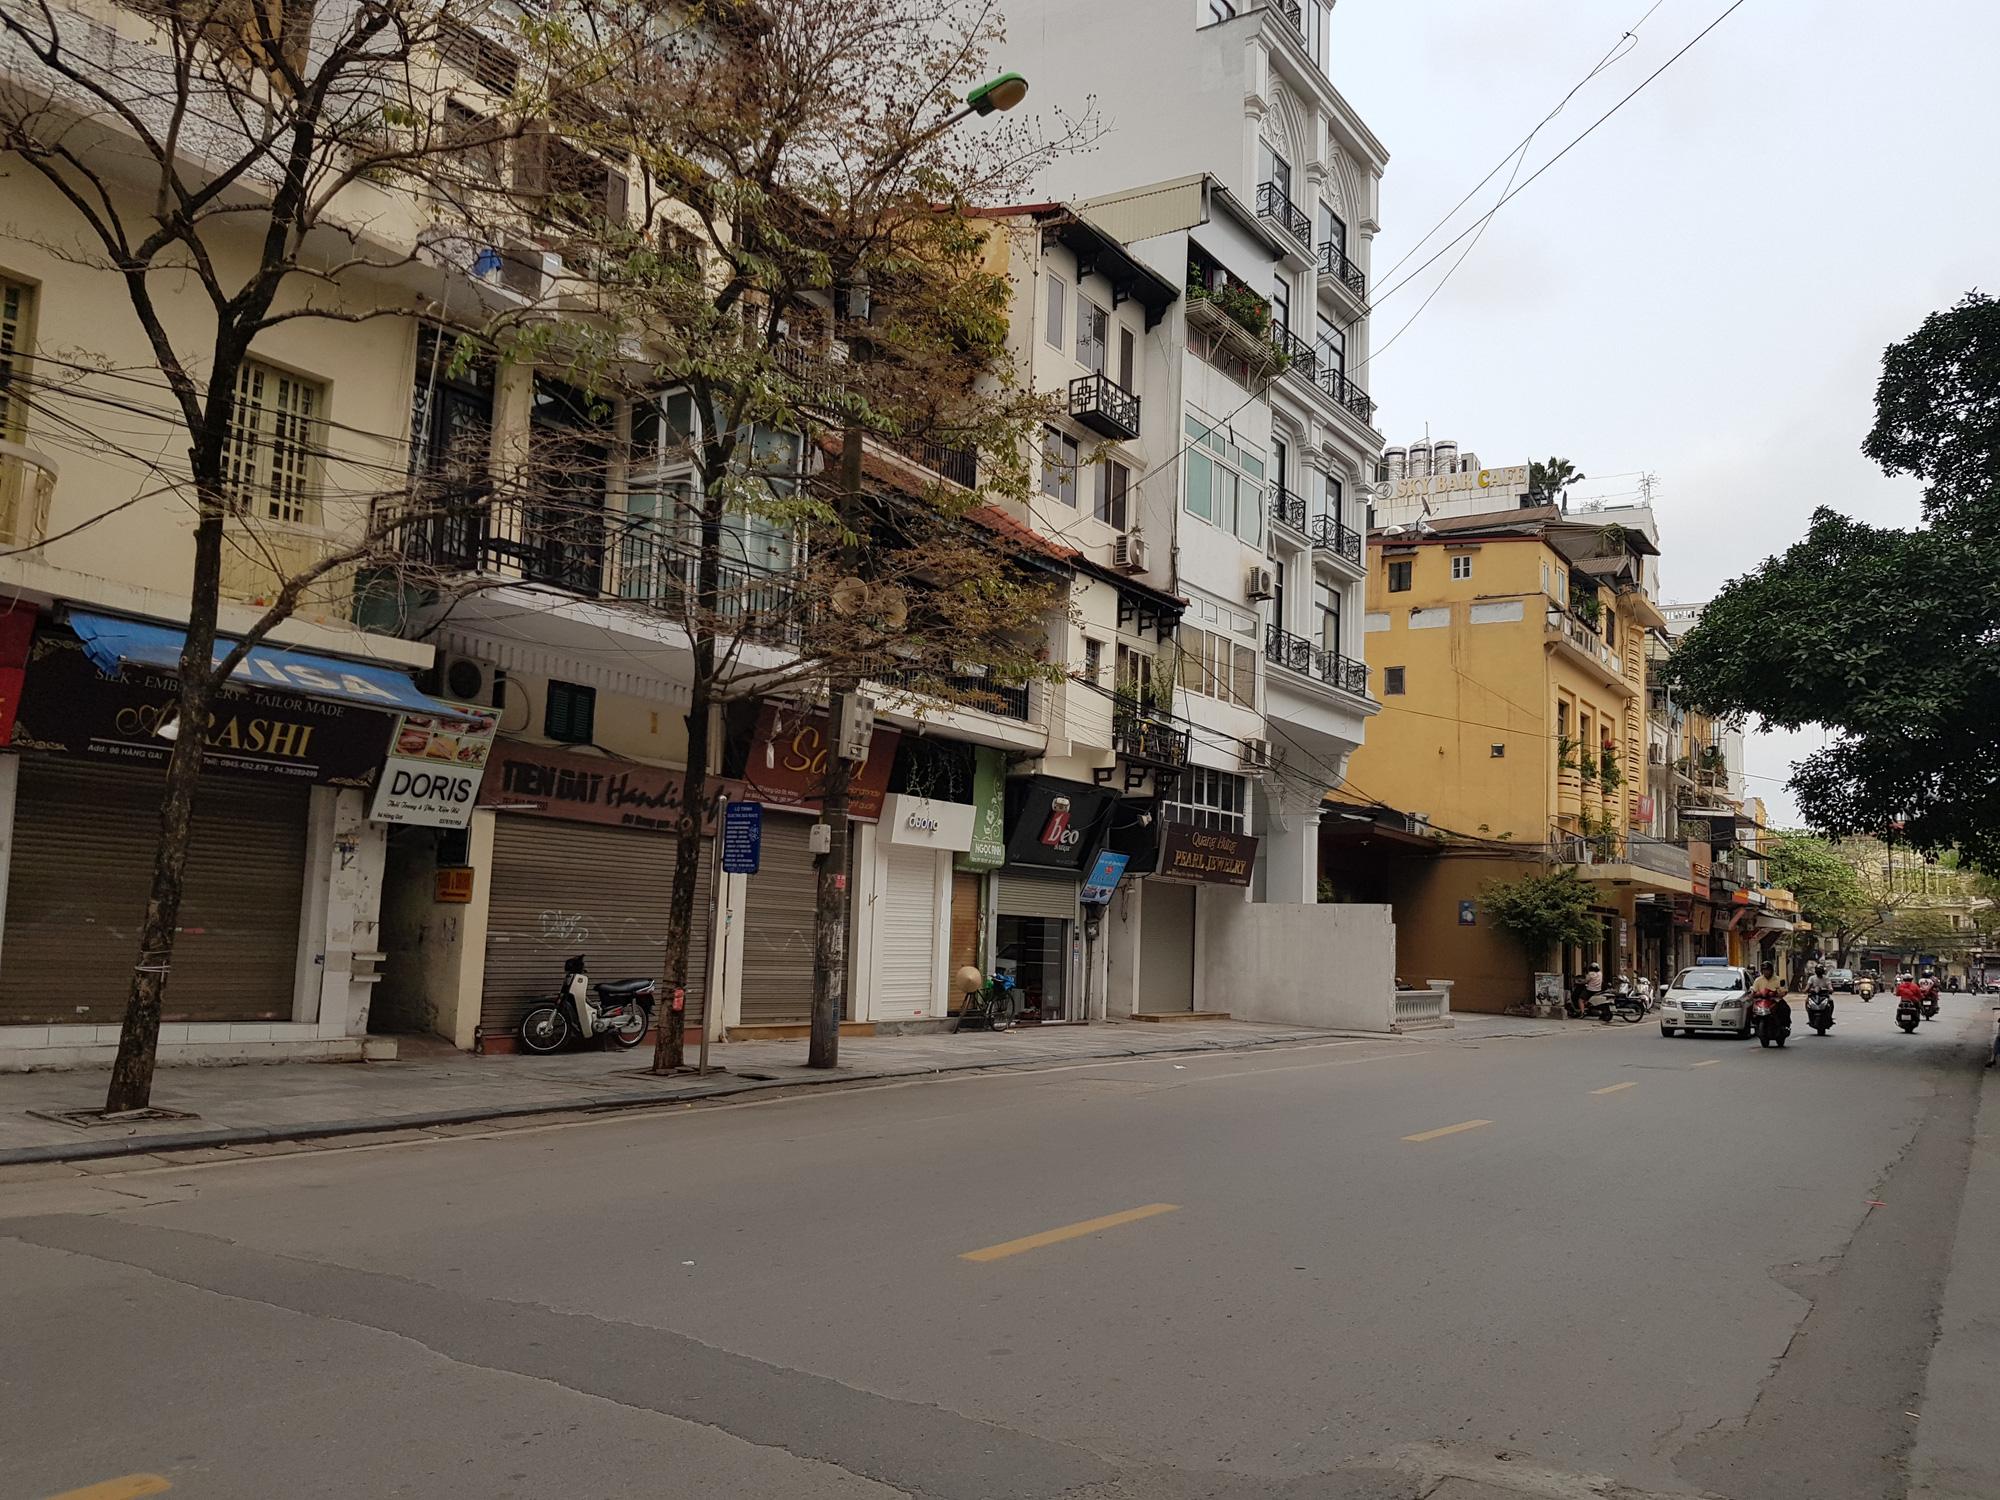 Sau lệnh tạm thời đóng cửa, nhiều đường phố Hà Nội thông thoáng như ngày Tết - Ảnh 4.